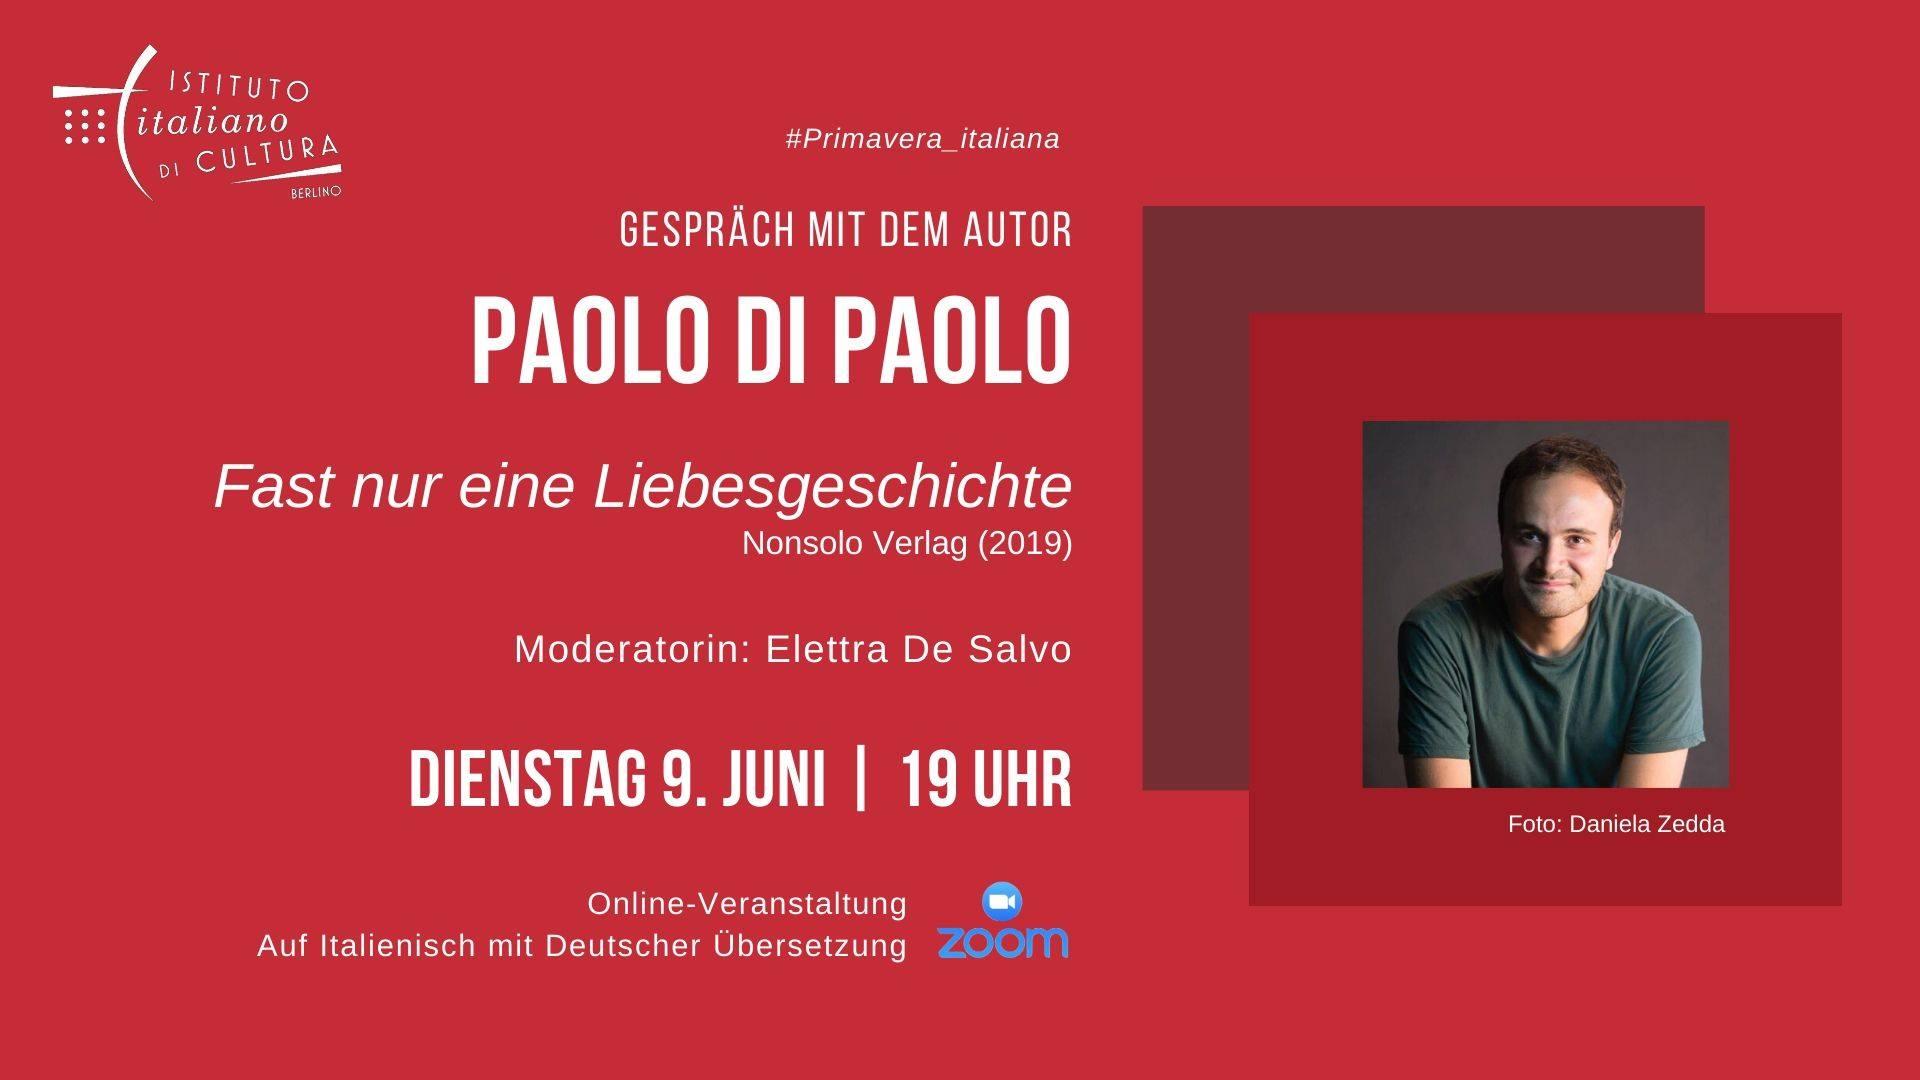 Online-Gespräch mit Paolo Di Paolo am 9. Juni 2020, Live auf Zoom und Facebook